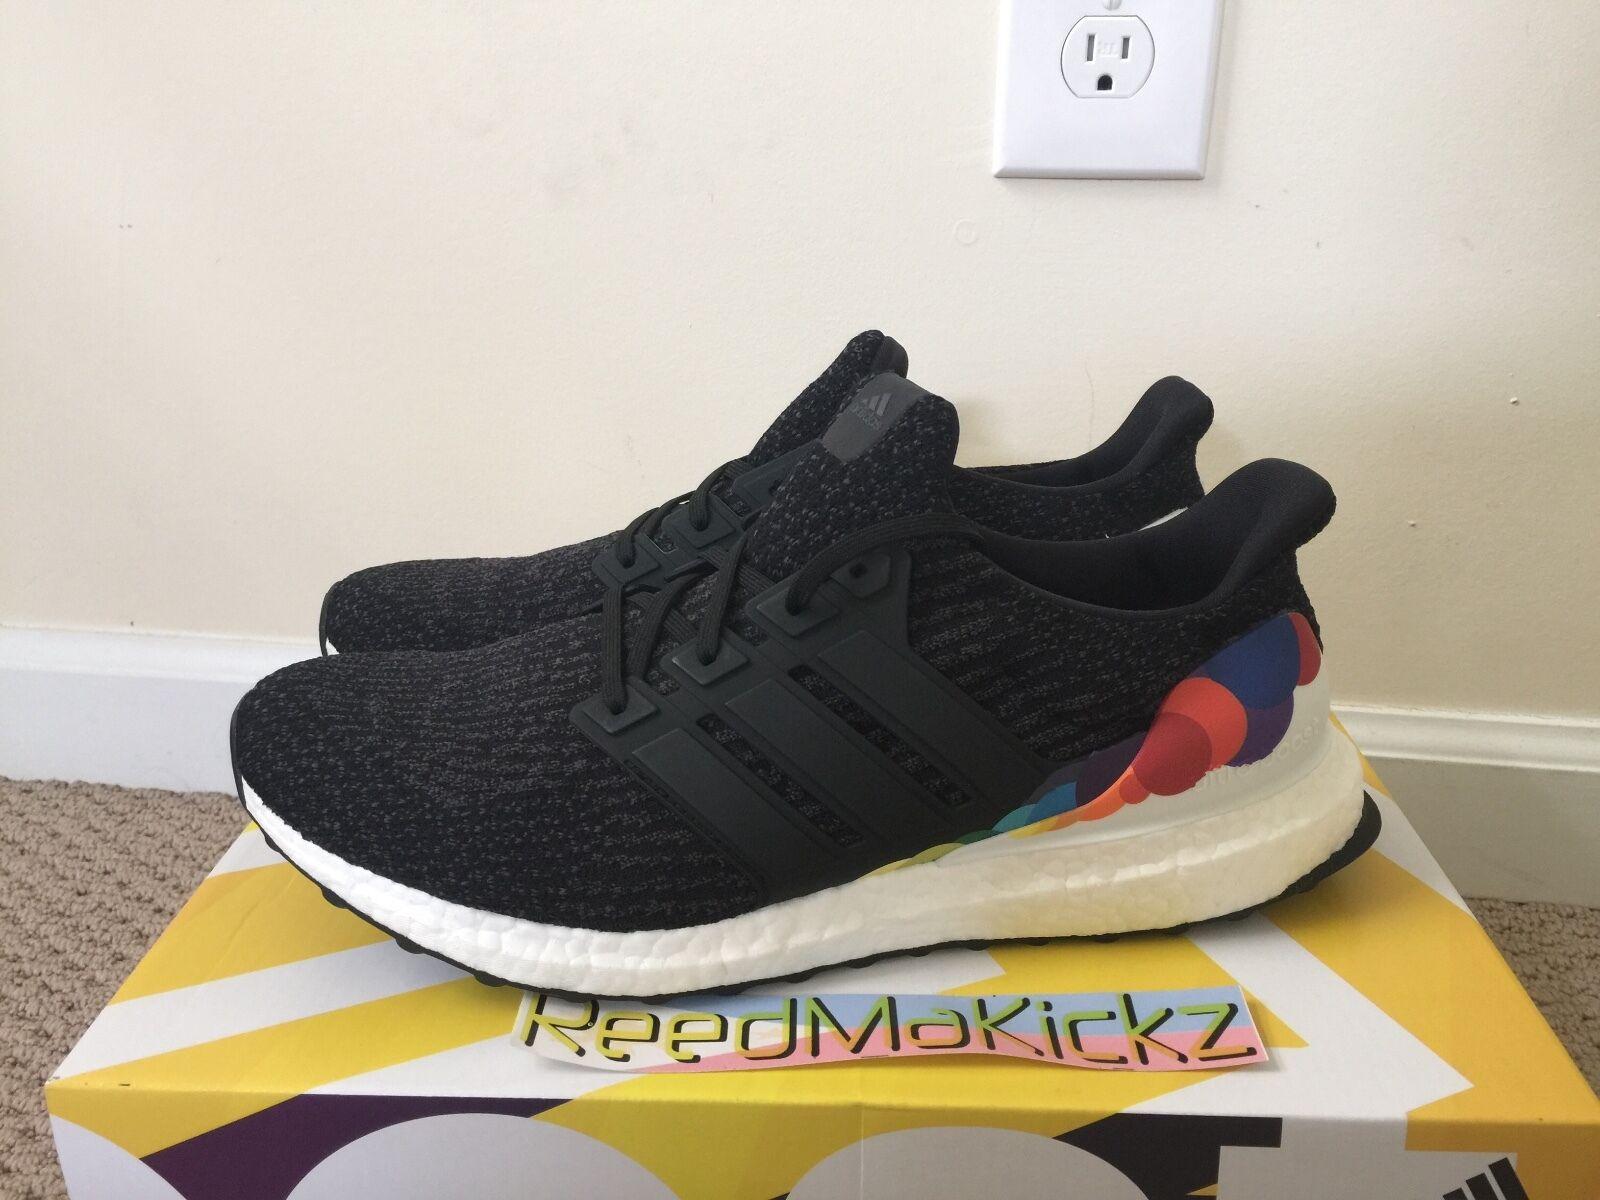 Adidas nero ultra impulso 3,0 orgoglio bianco nero Adidas Uomo confezioni cp9632 lgbt b7ced3